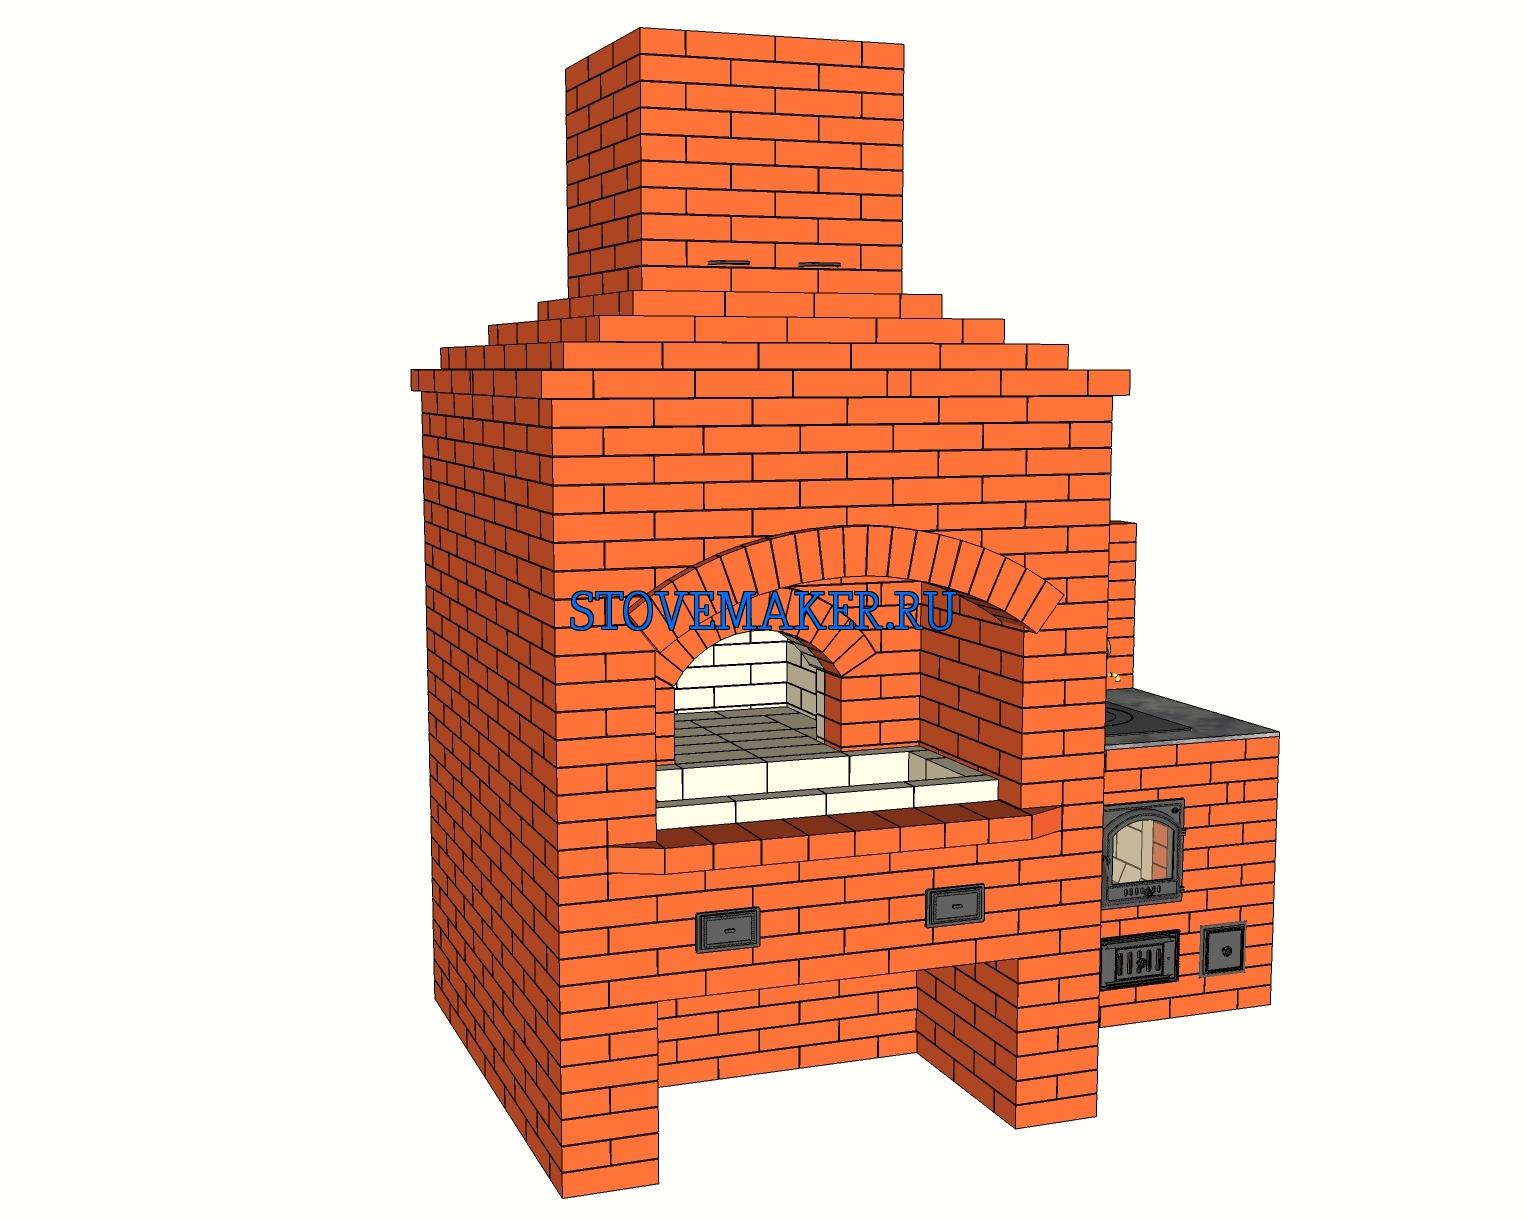 Проект барбекю с мангалом, русской печью, казан 12, 19 литров, самовар